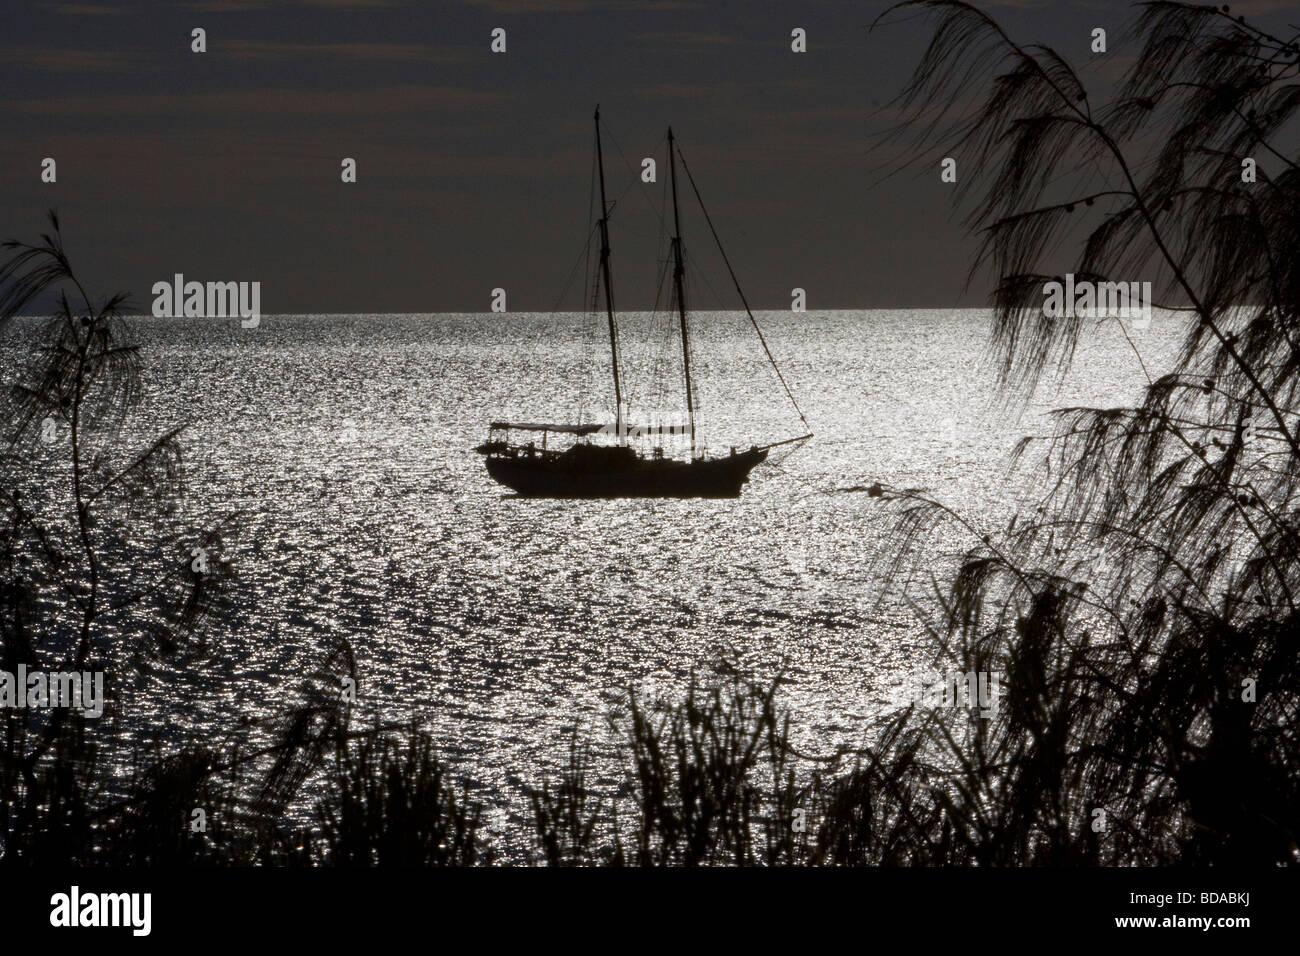 Festgemachten Yacht von Mondlicht Ruhe segeln Bucht Stockbild